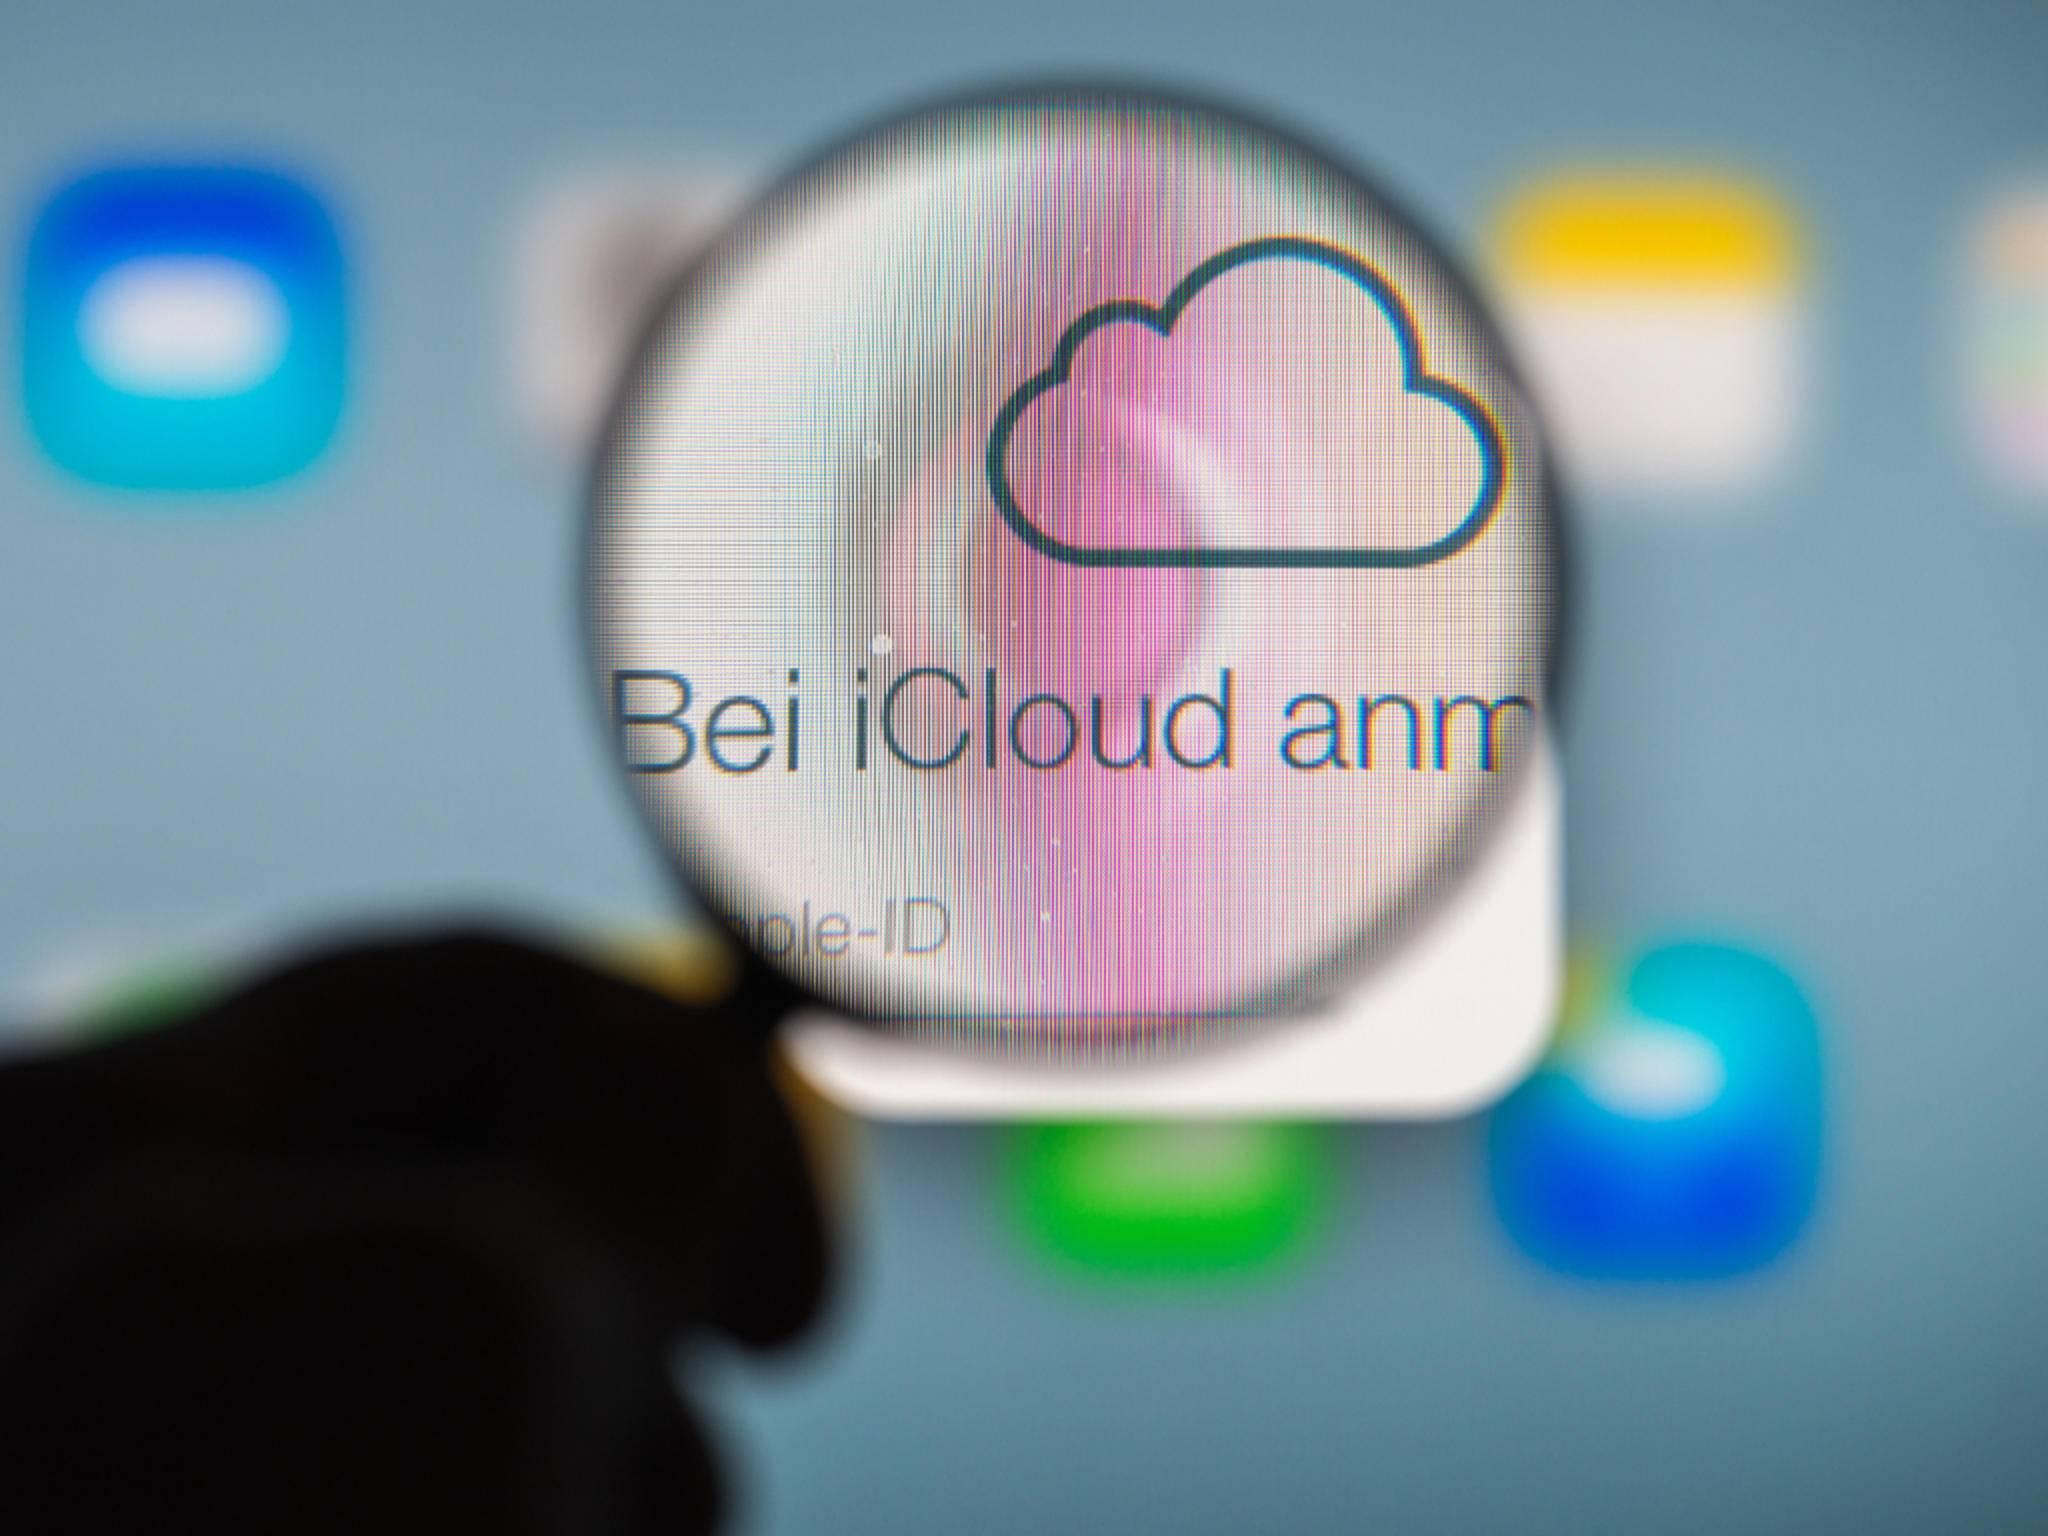 iCloud kann mit einem neuen Hacker-Tool angeblich sehr leicht geknackt werden.